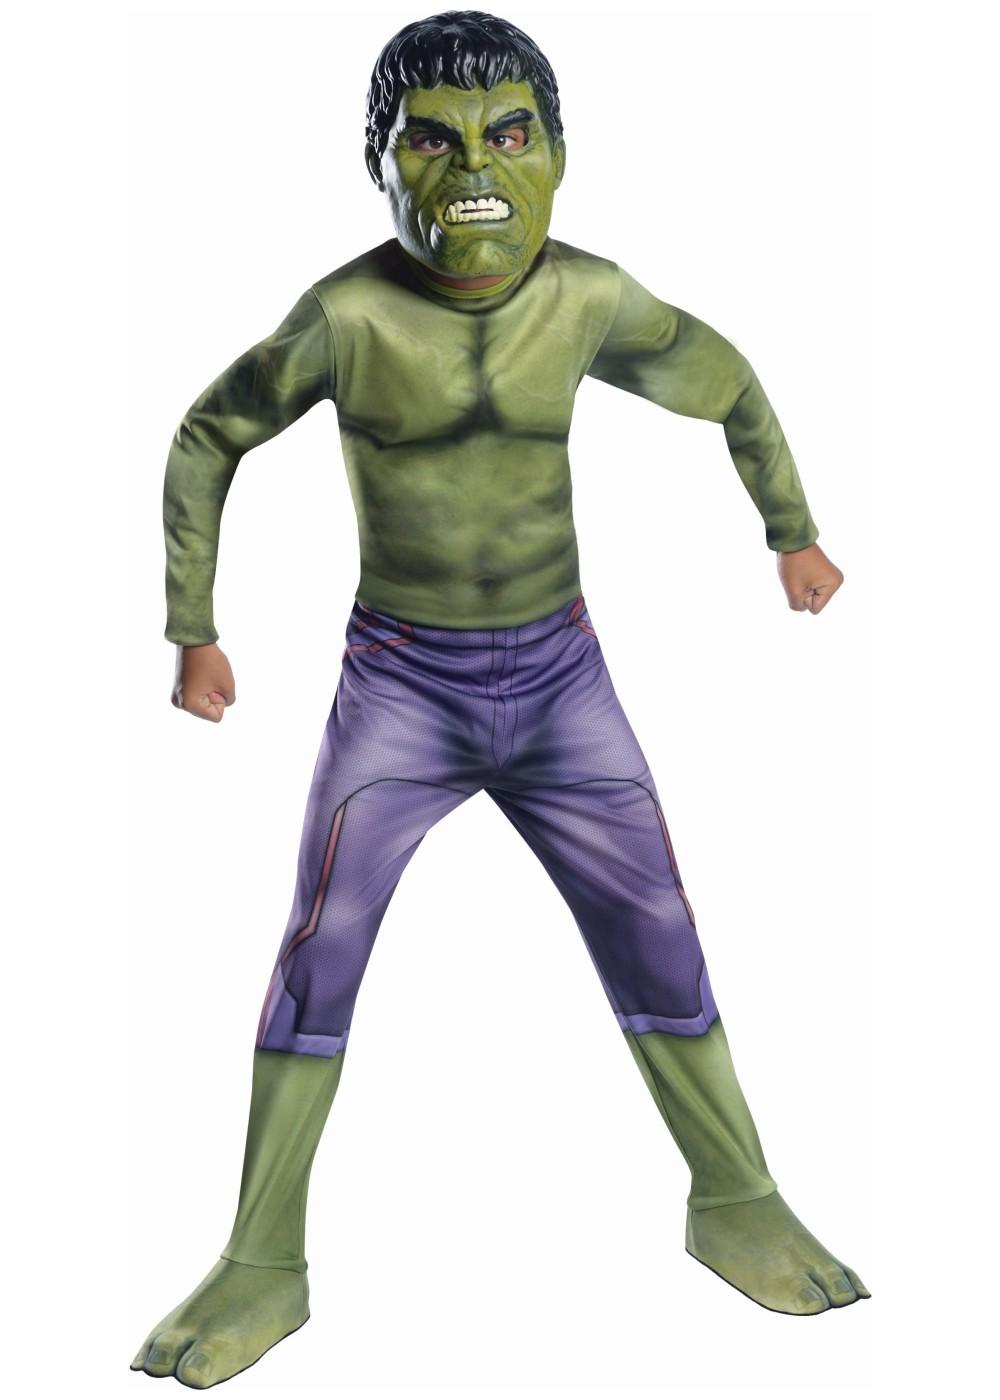 Hulk Boys Costume Thor Ragnarok - Cosplay Costumes  Hulk Boys Costu...